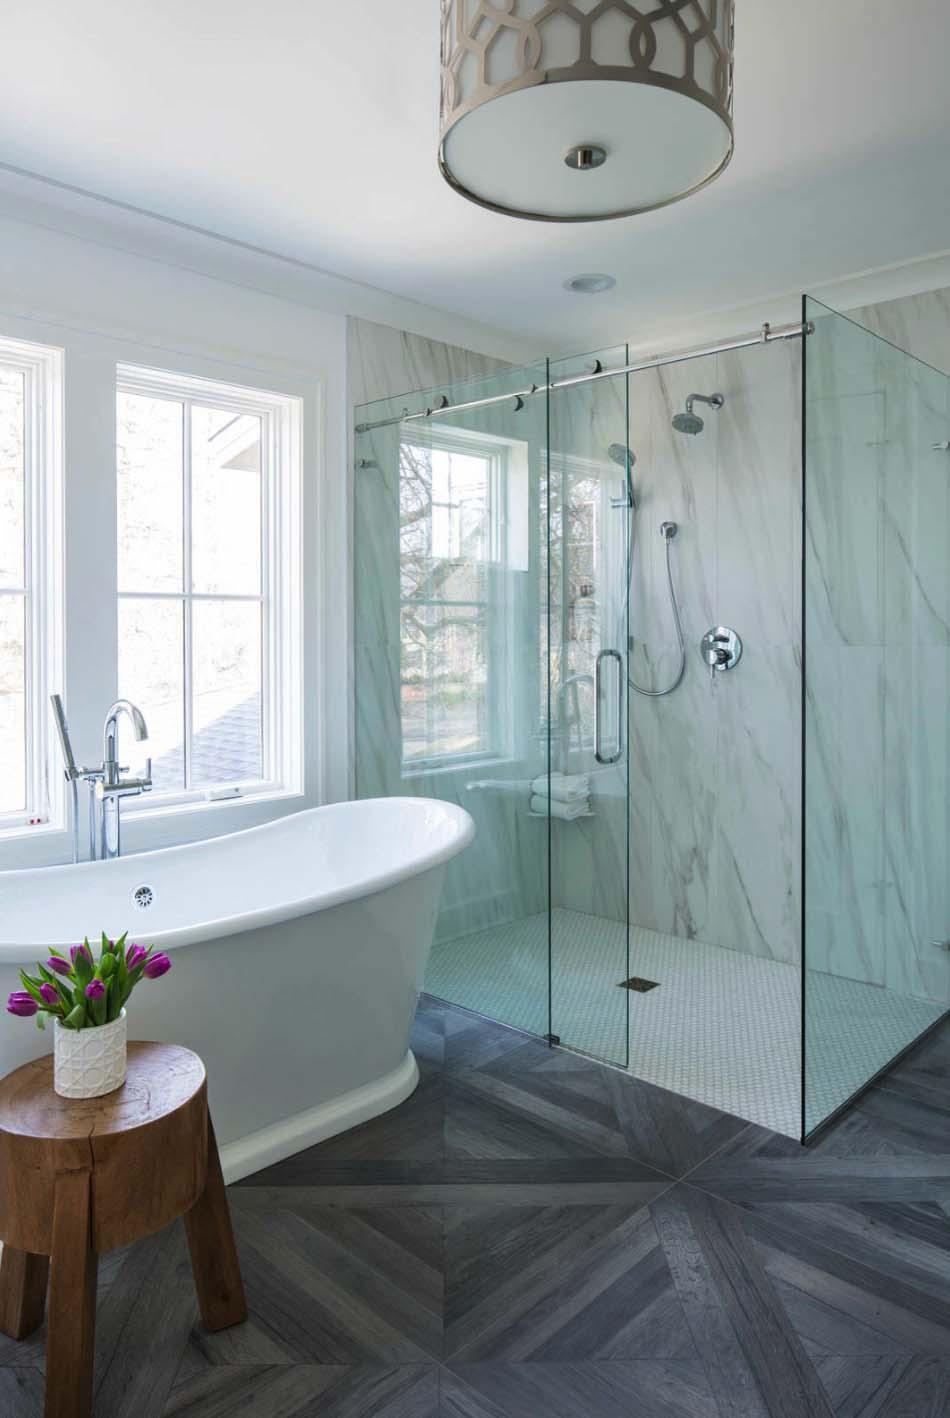 freestanding tubs bathroom ideas 04 1 kindesign